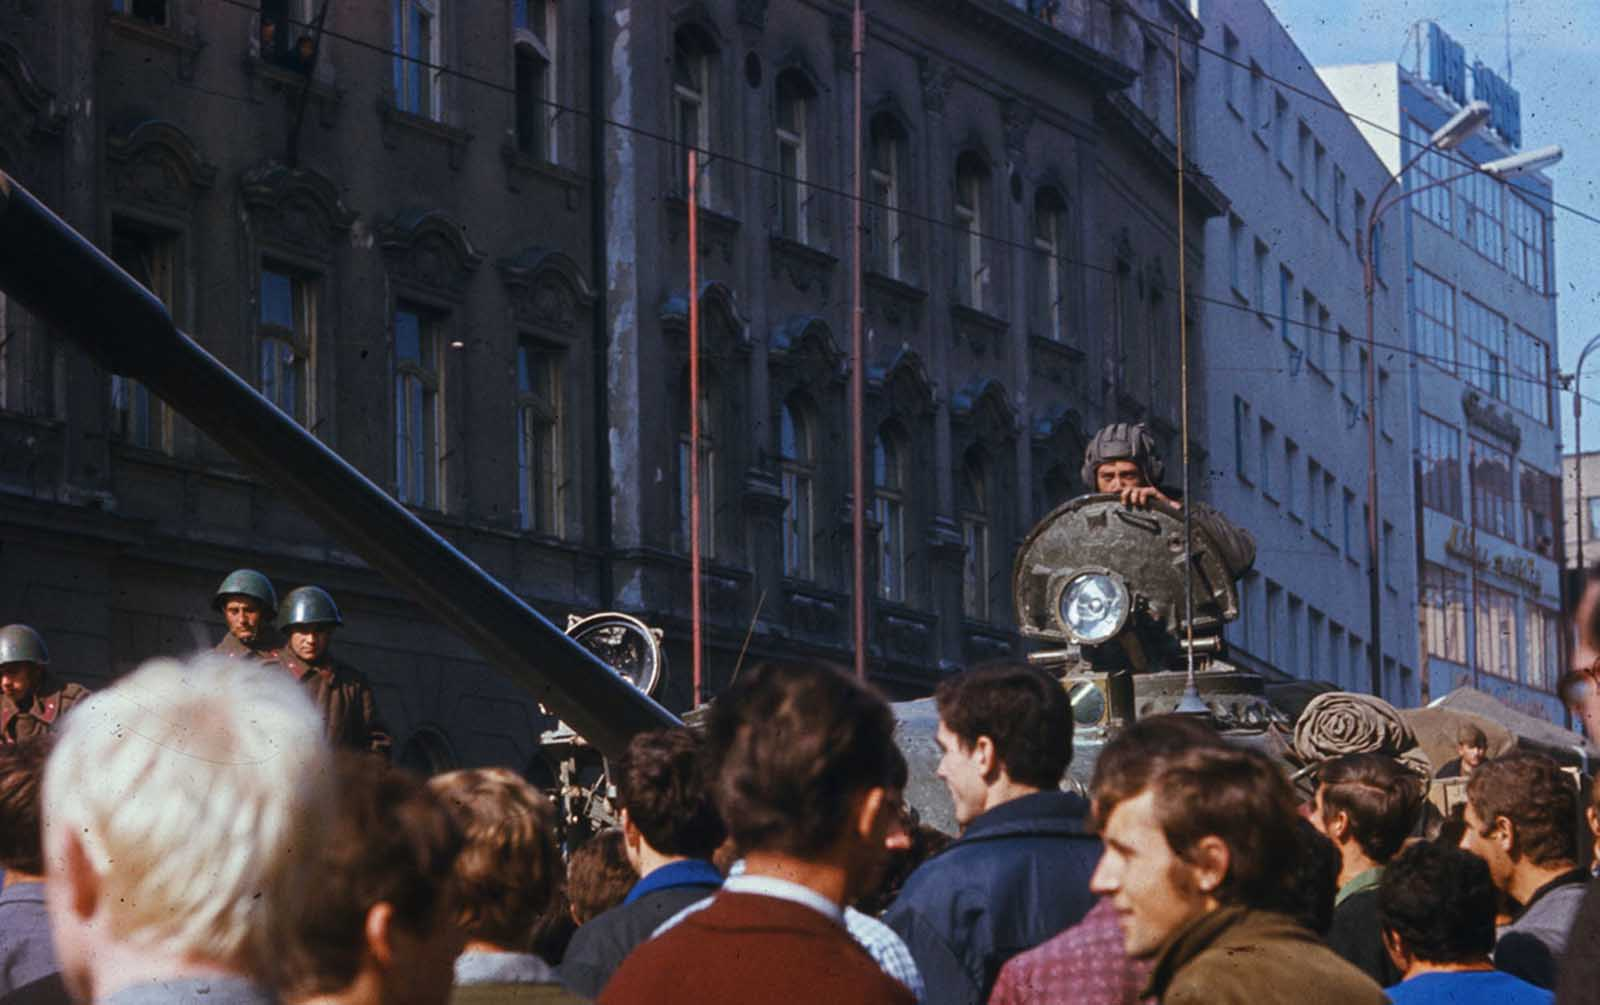 Los checos se burlan de un tanque soviético en el centro de Praga.